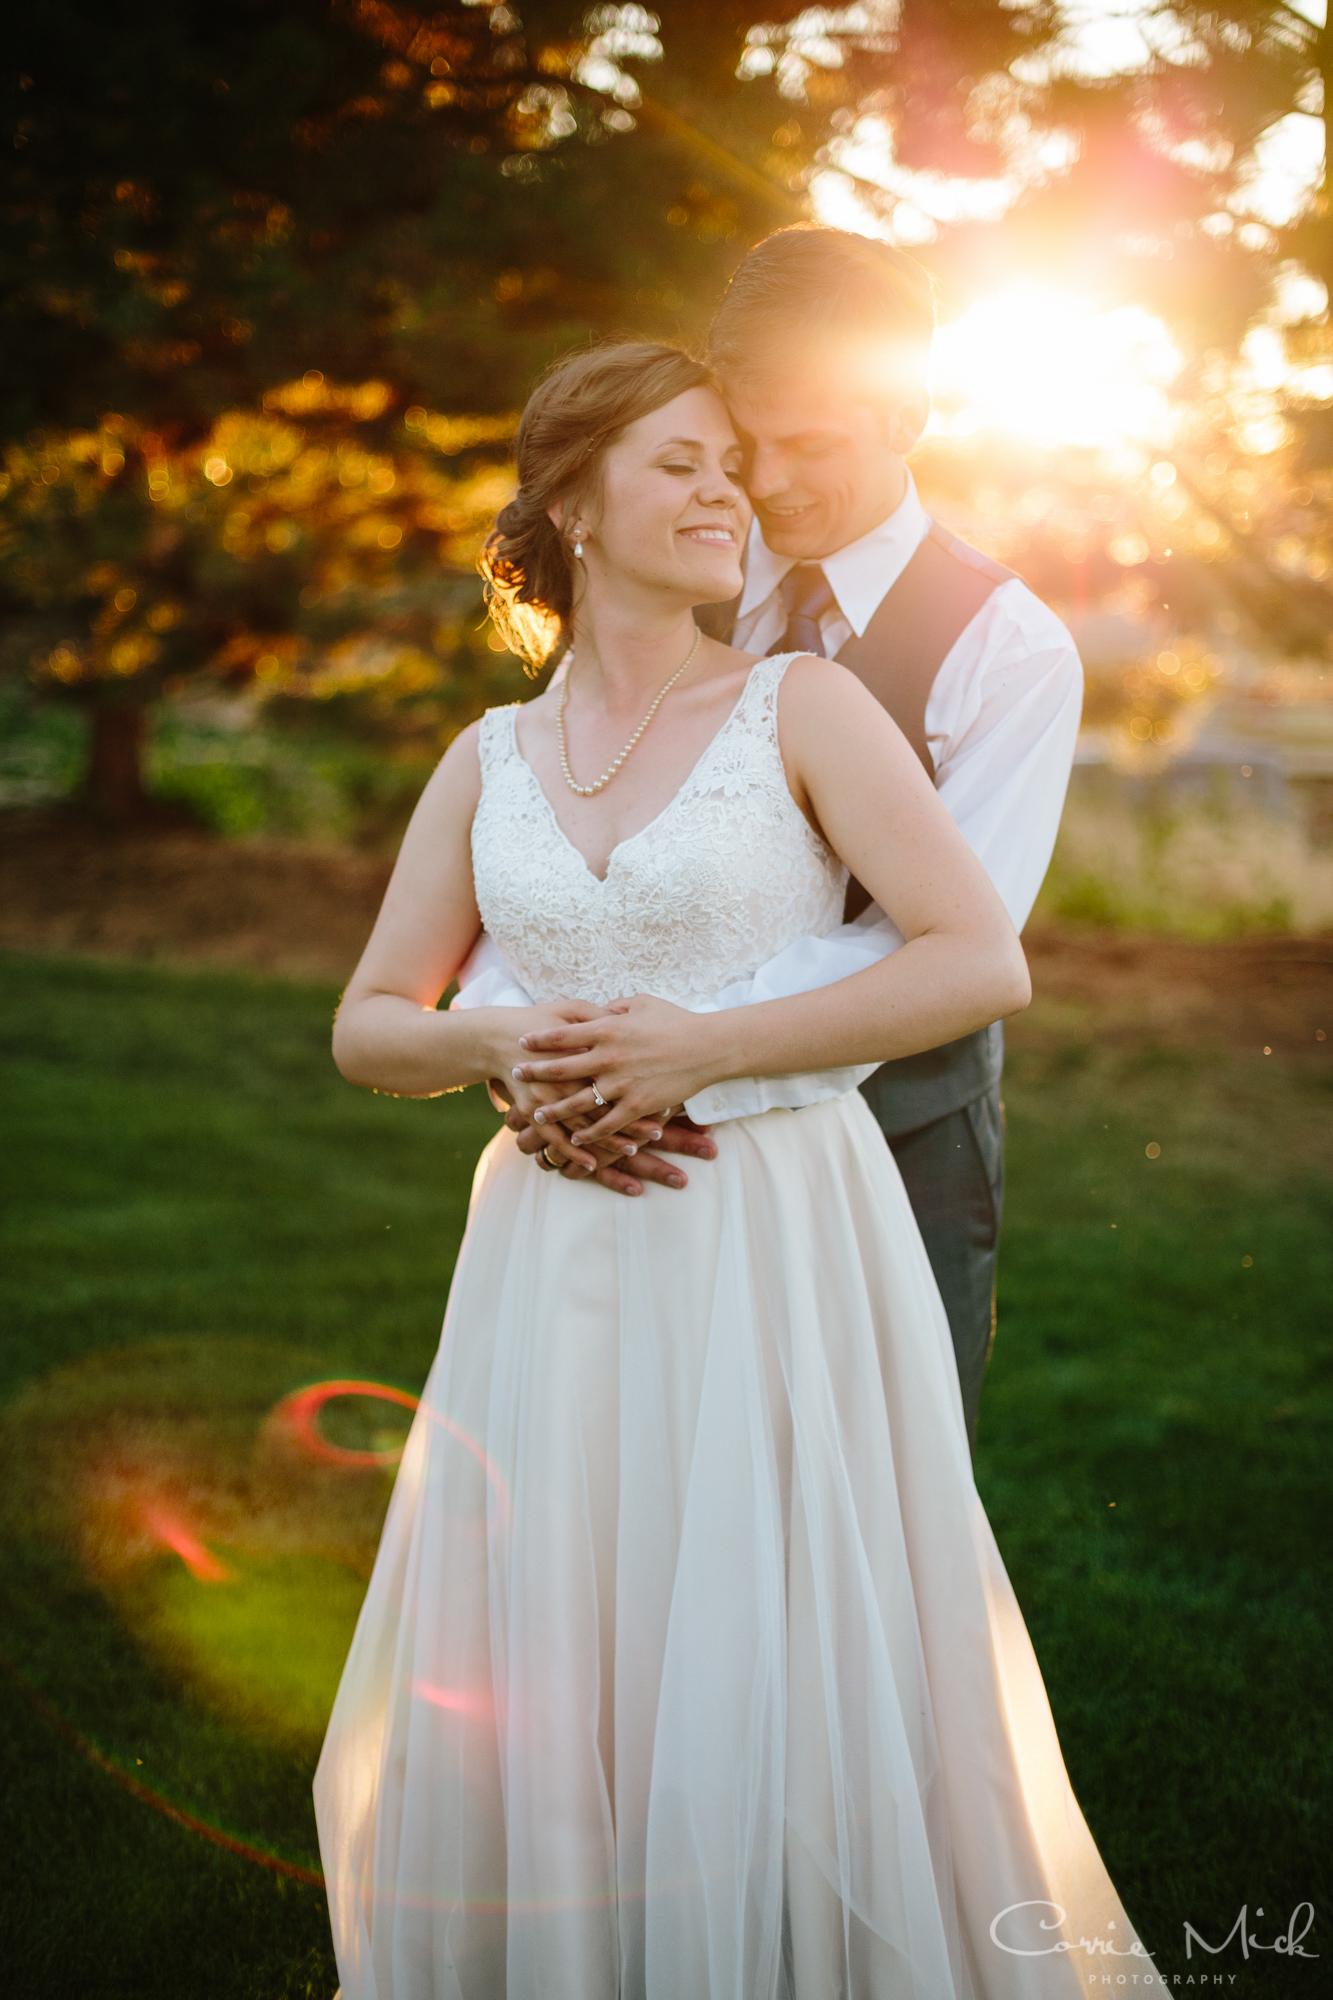 Jordan & Shantel Married - Idaho-1.jpg